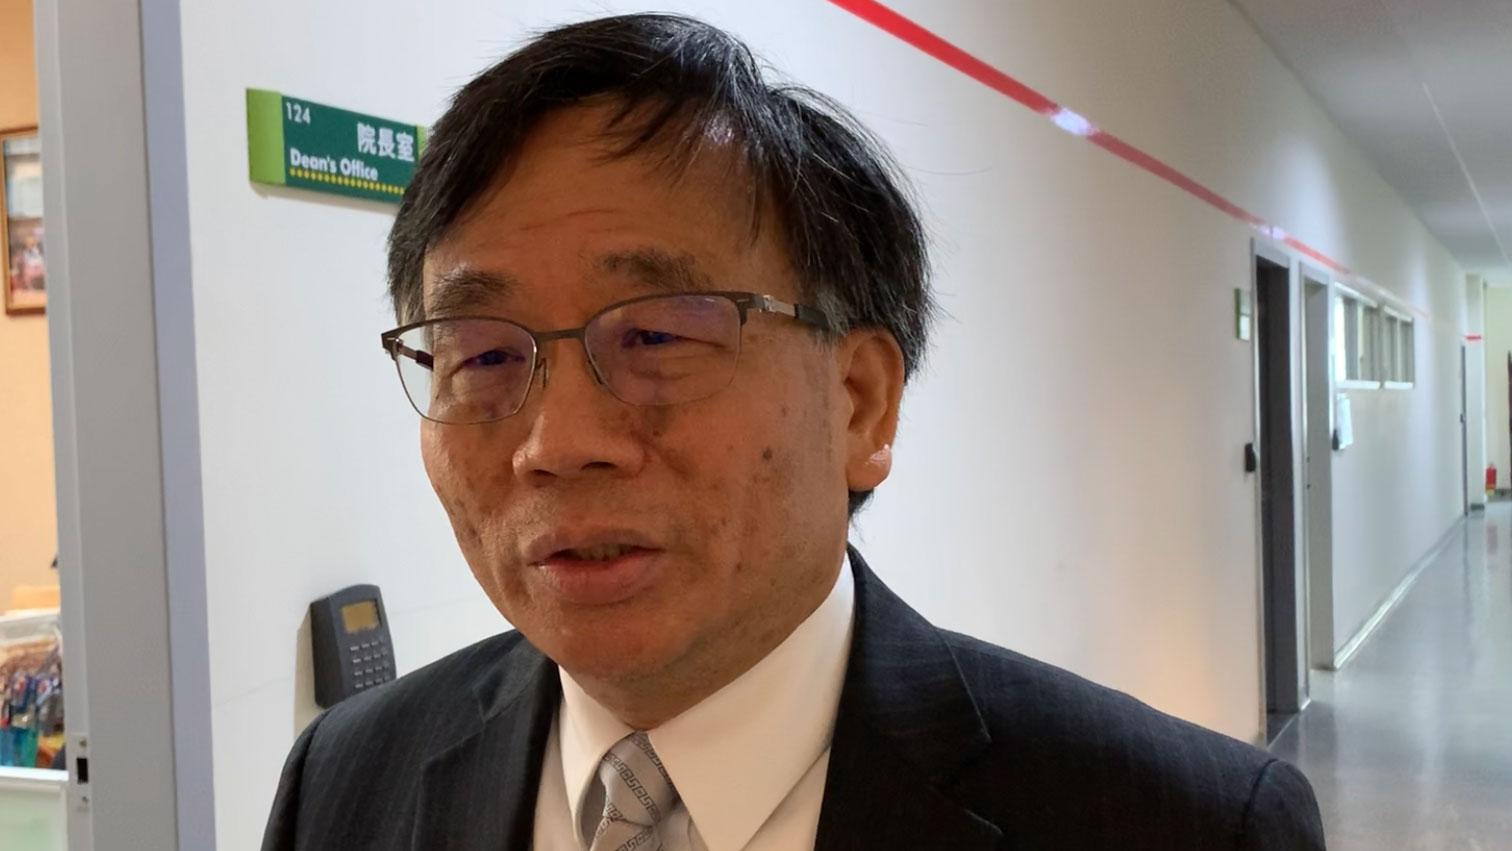 台灣大學公共衛生學院副院長陳秀熙。(RFA資料照)